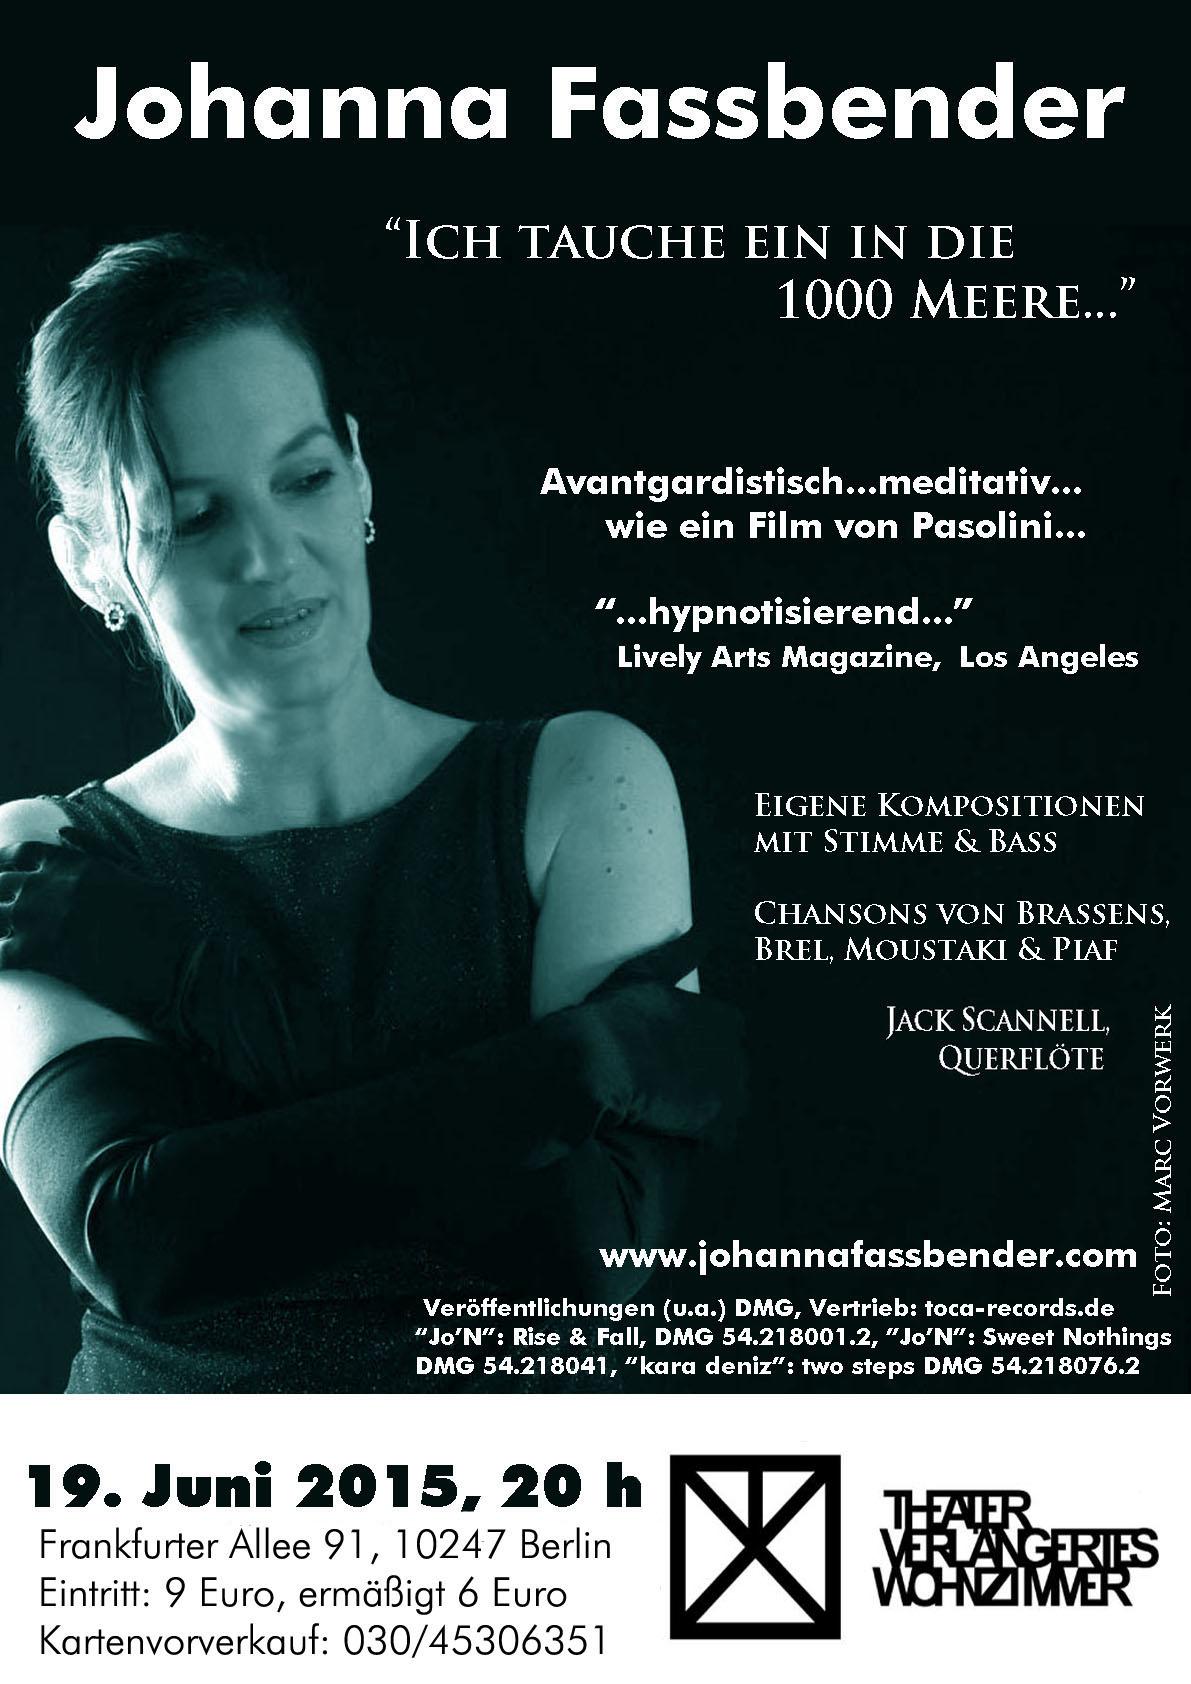 Vorschau Auftritt Im Theater Verlangertes Wohnzimmer Berlin Im Juni